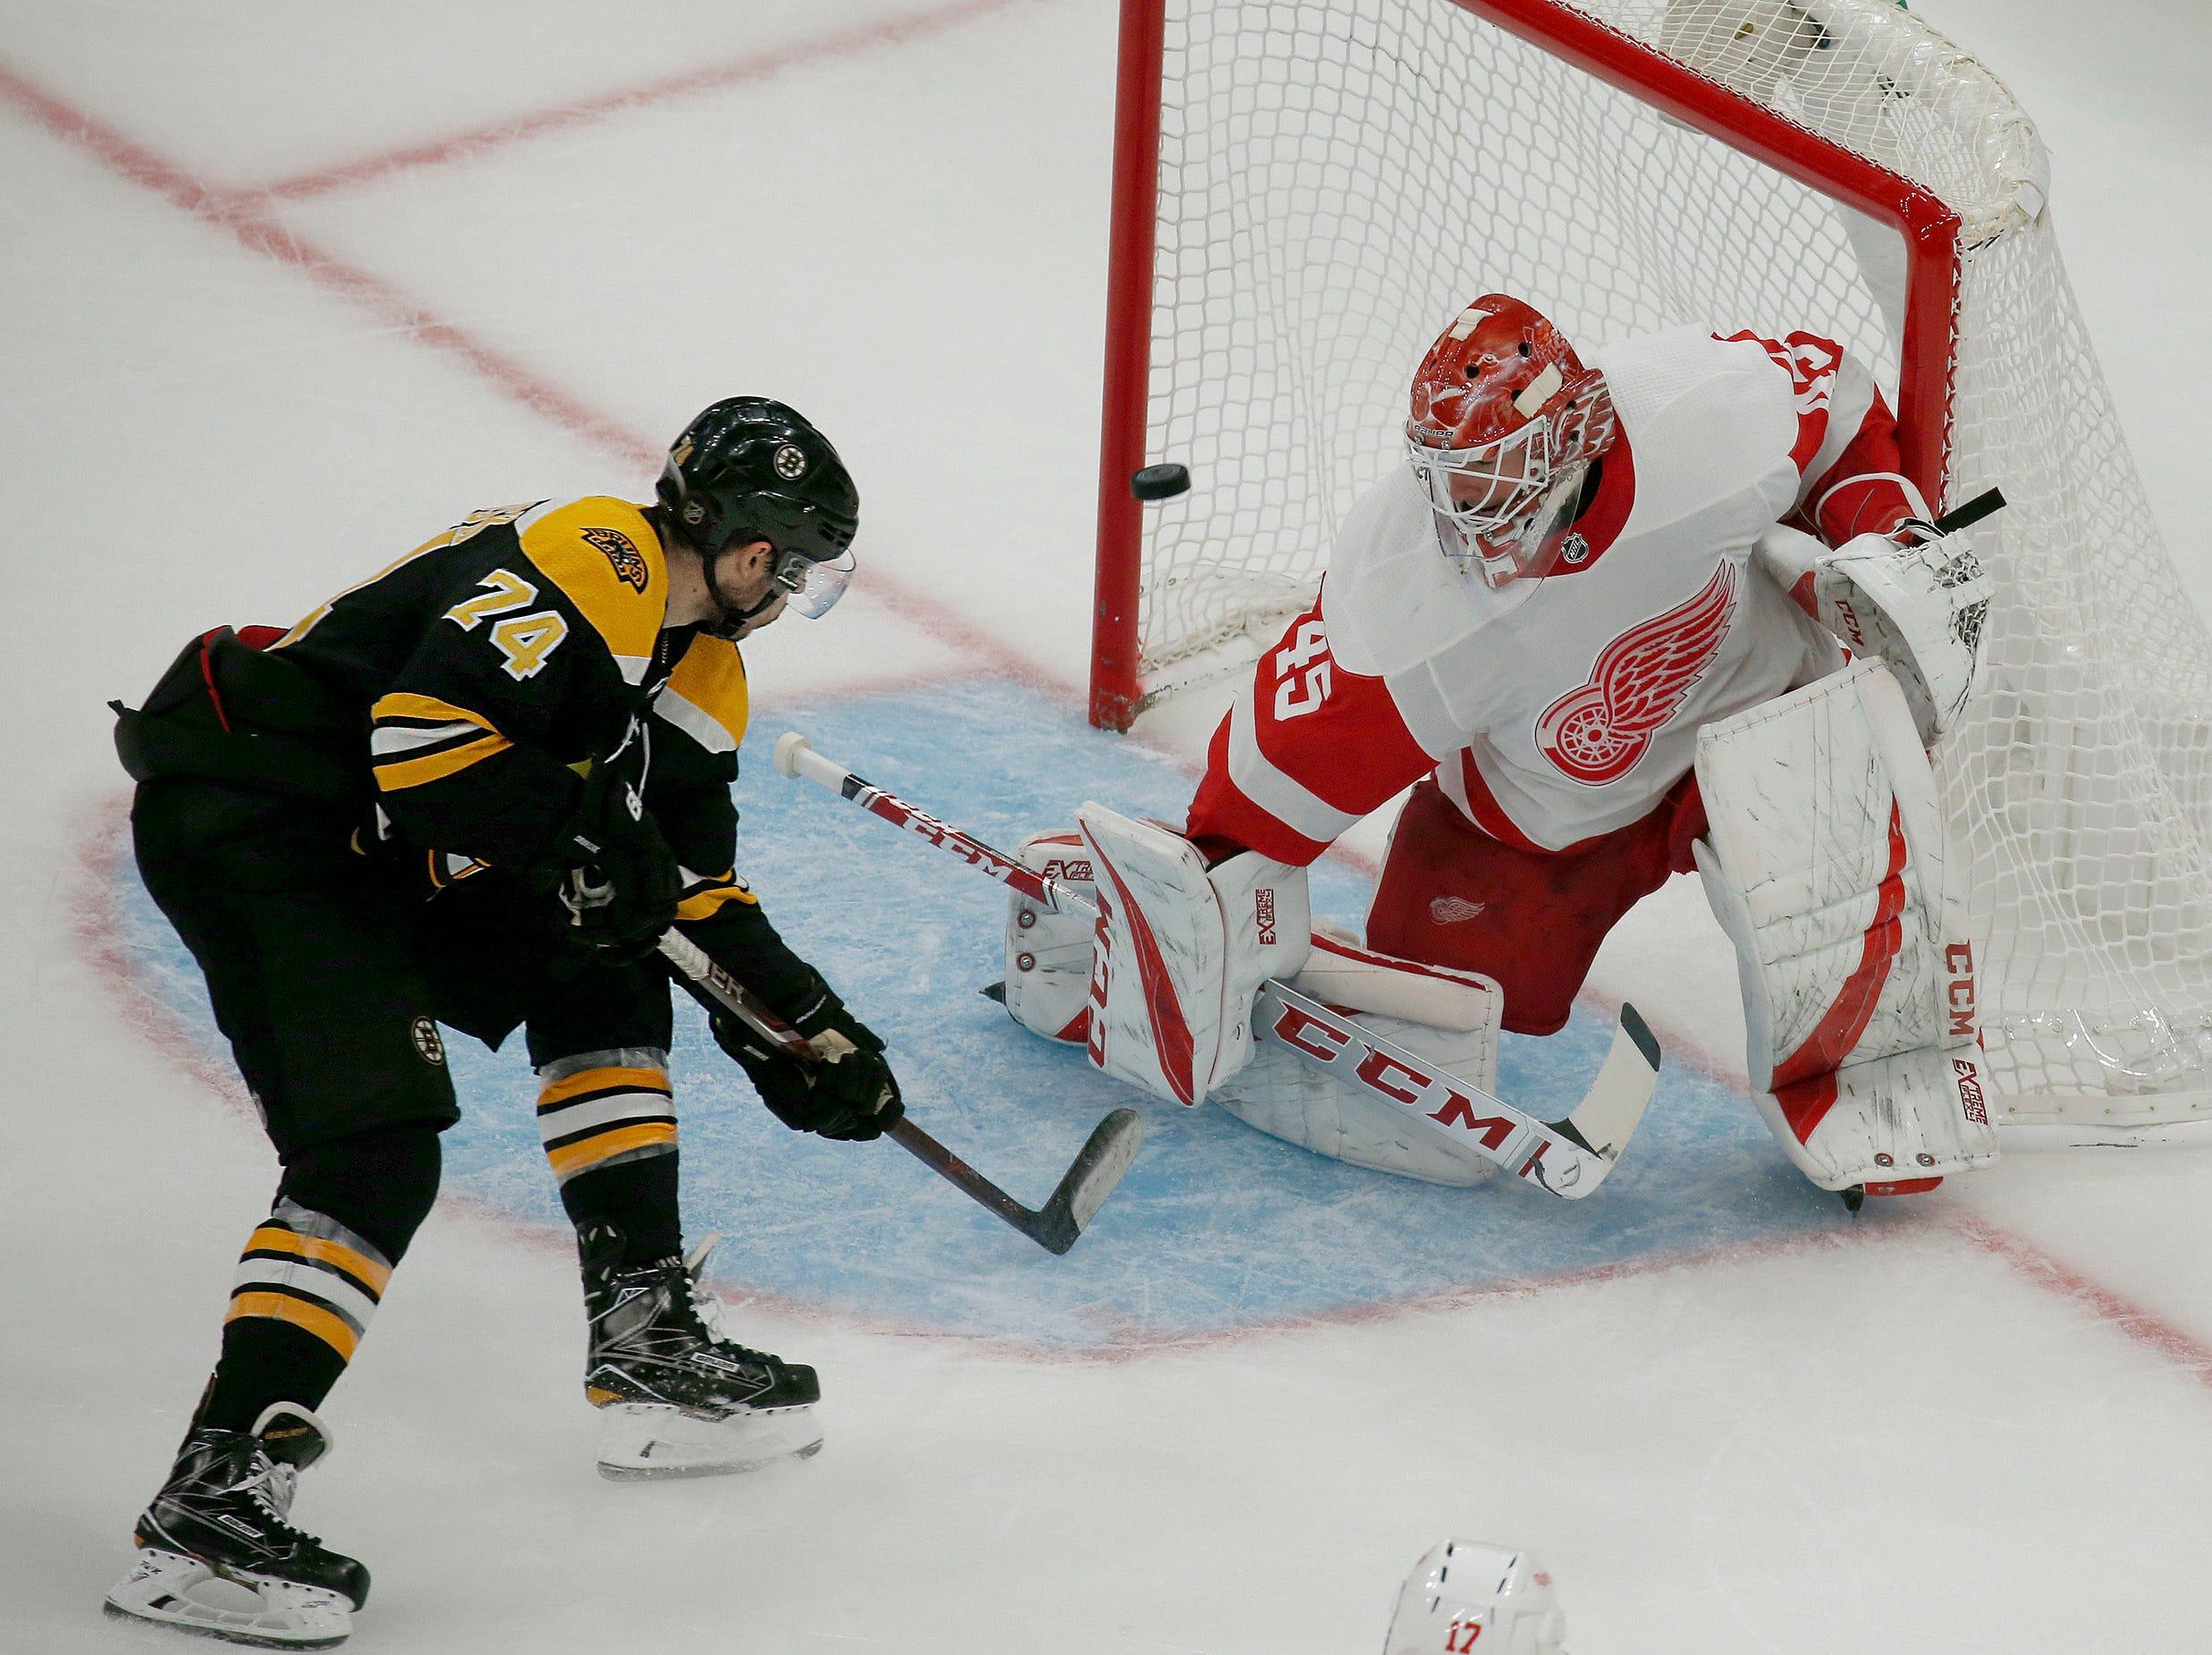 Boston Bruins left wing Jake DeBrusk (74) scores against Detroit Red Wings goaltender Jonathan Bernier (45) during the third period.